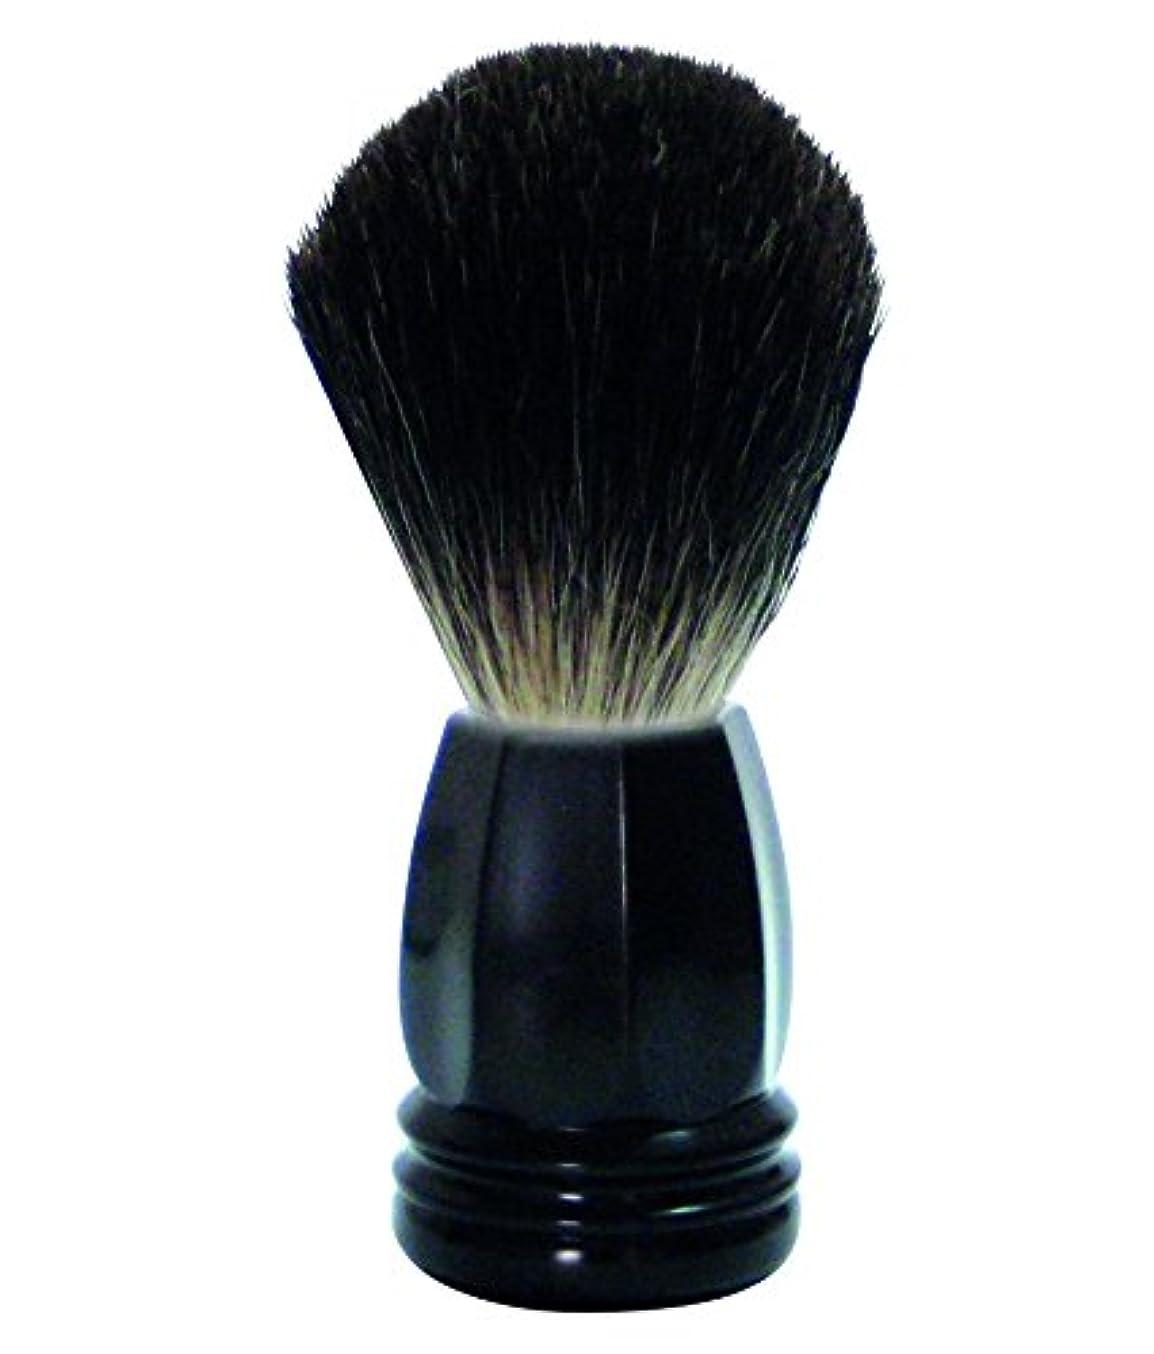 隣接する遠近法価格GOLDDACHS Shaving Brush, 100% Badger hair, black polymer handle